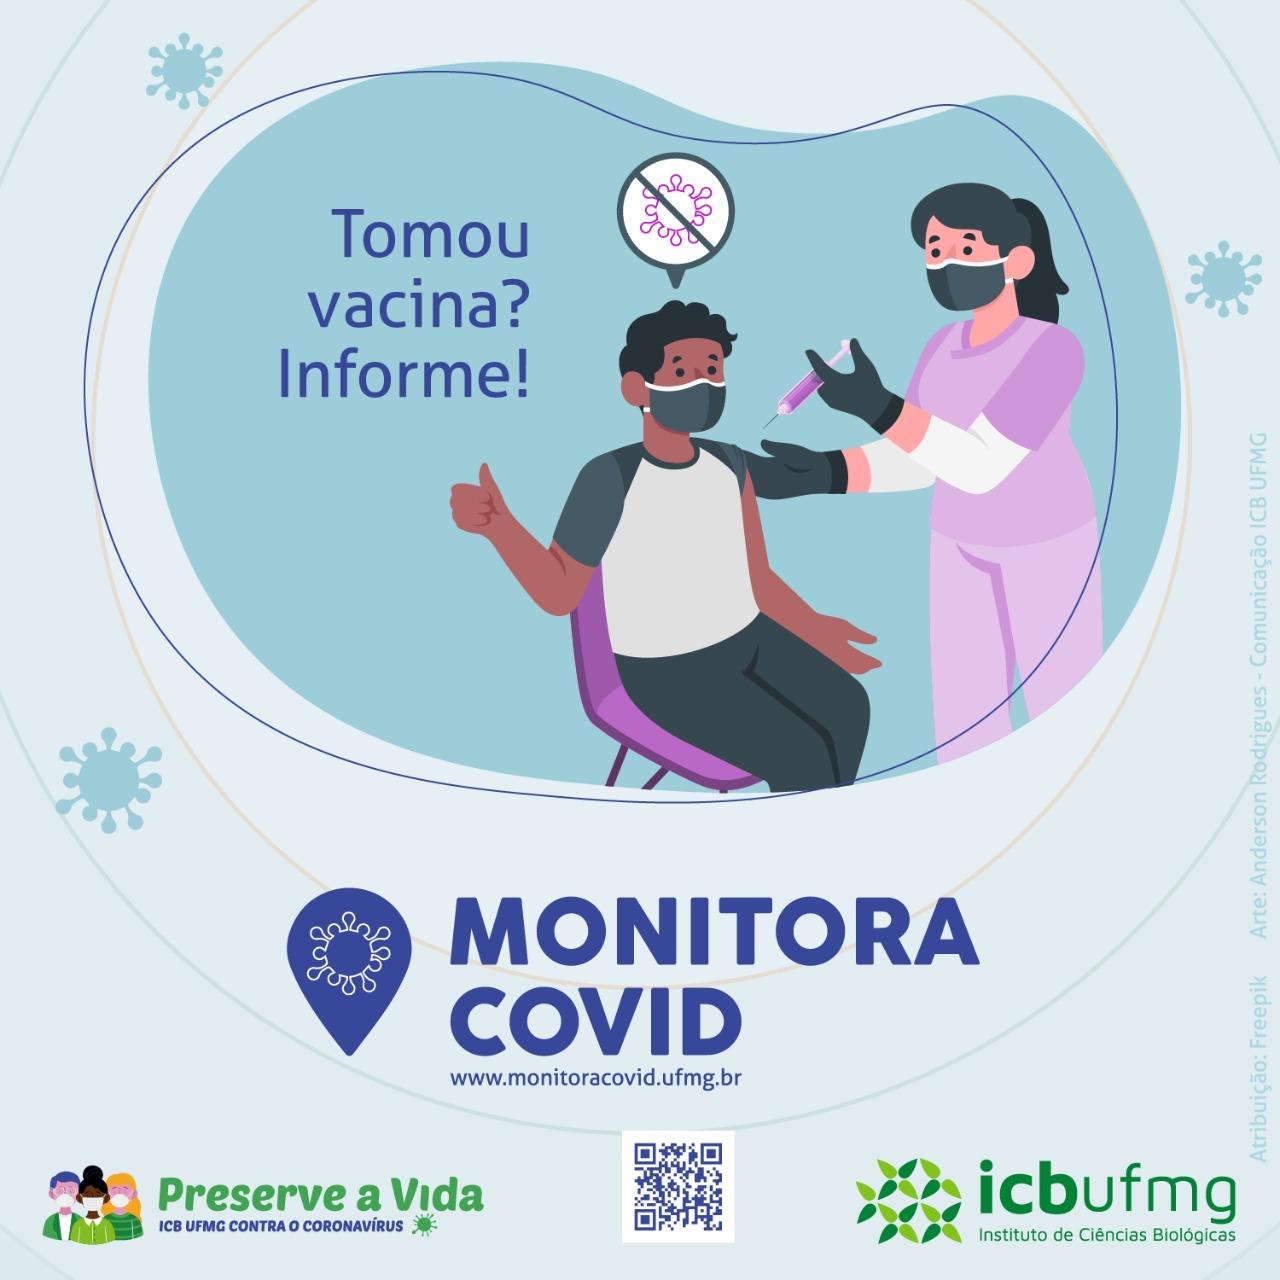 Monitora.covid Vacina